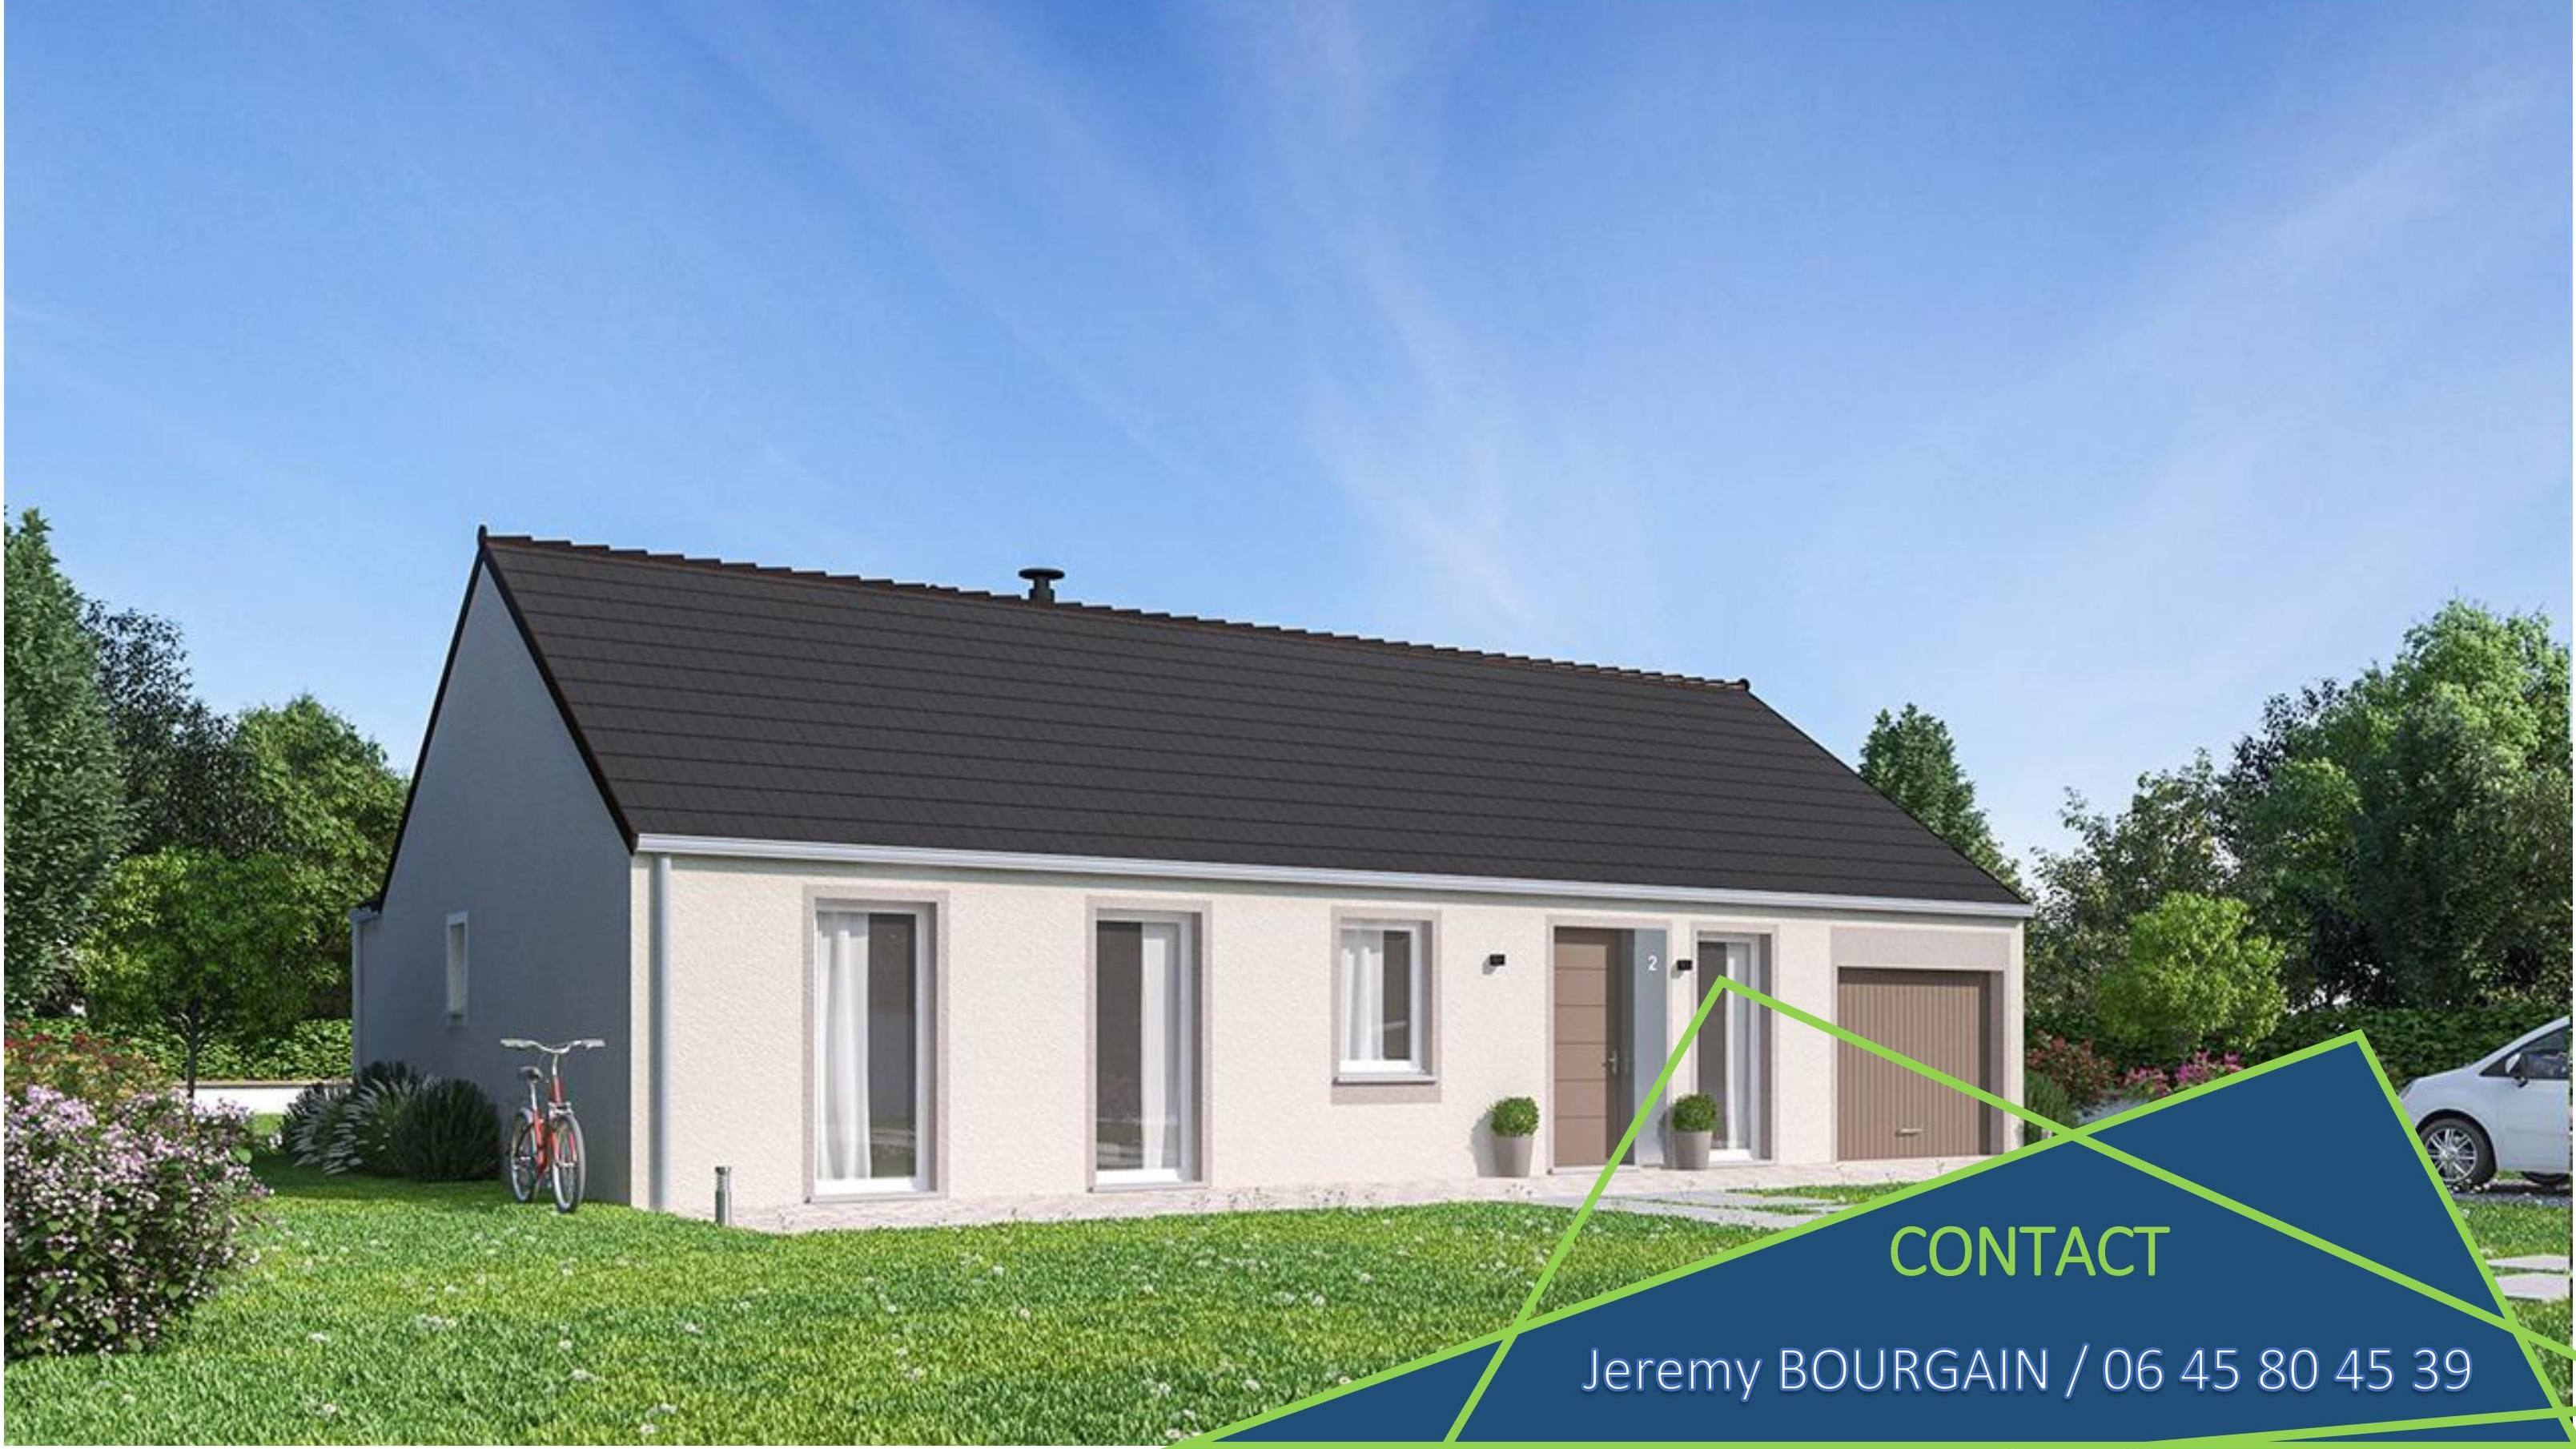 Maisons + Terrains du constructeur MAISONS PHENIX LEZENNES • 112 m² • SECLIN